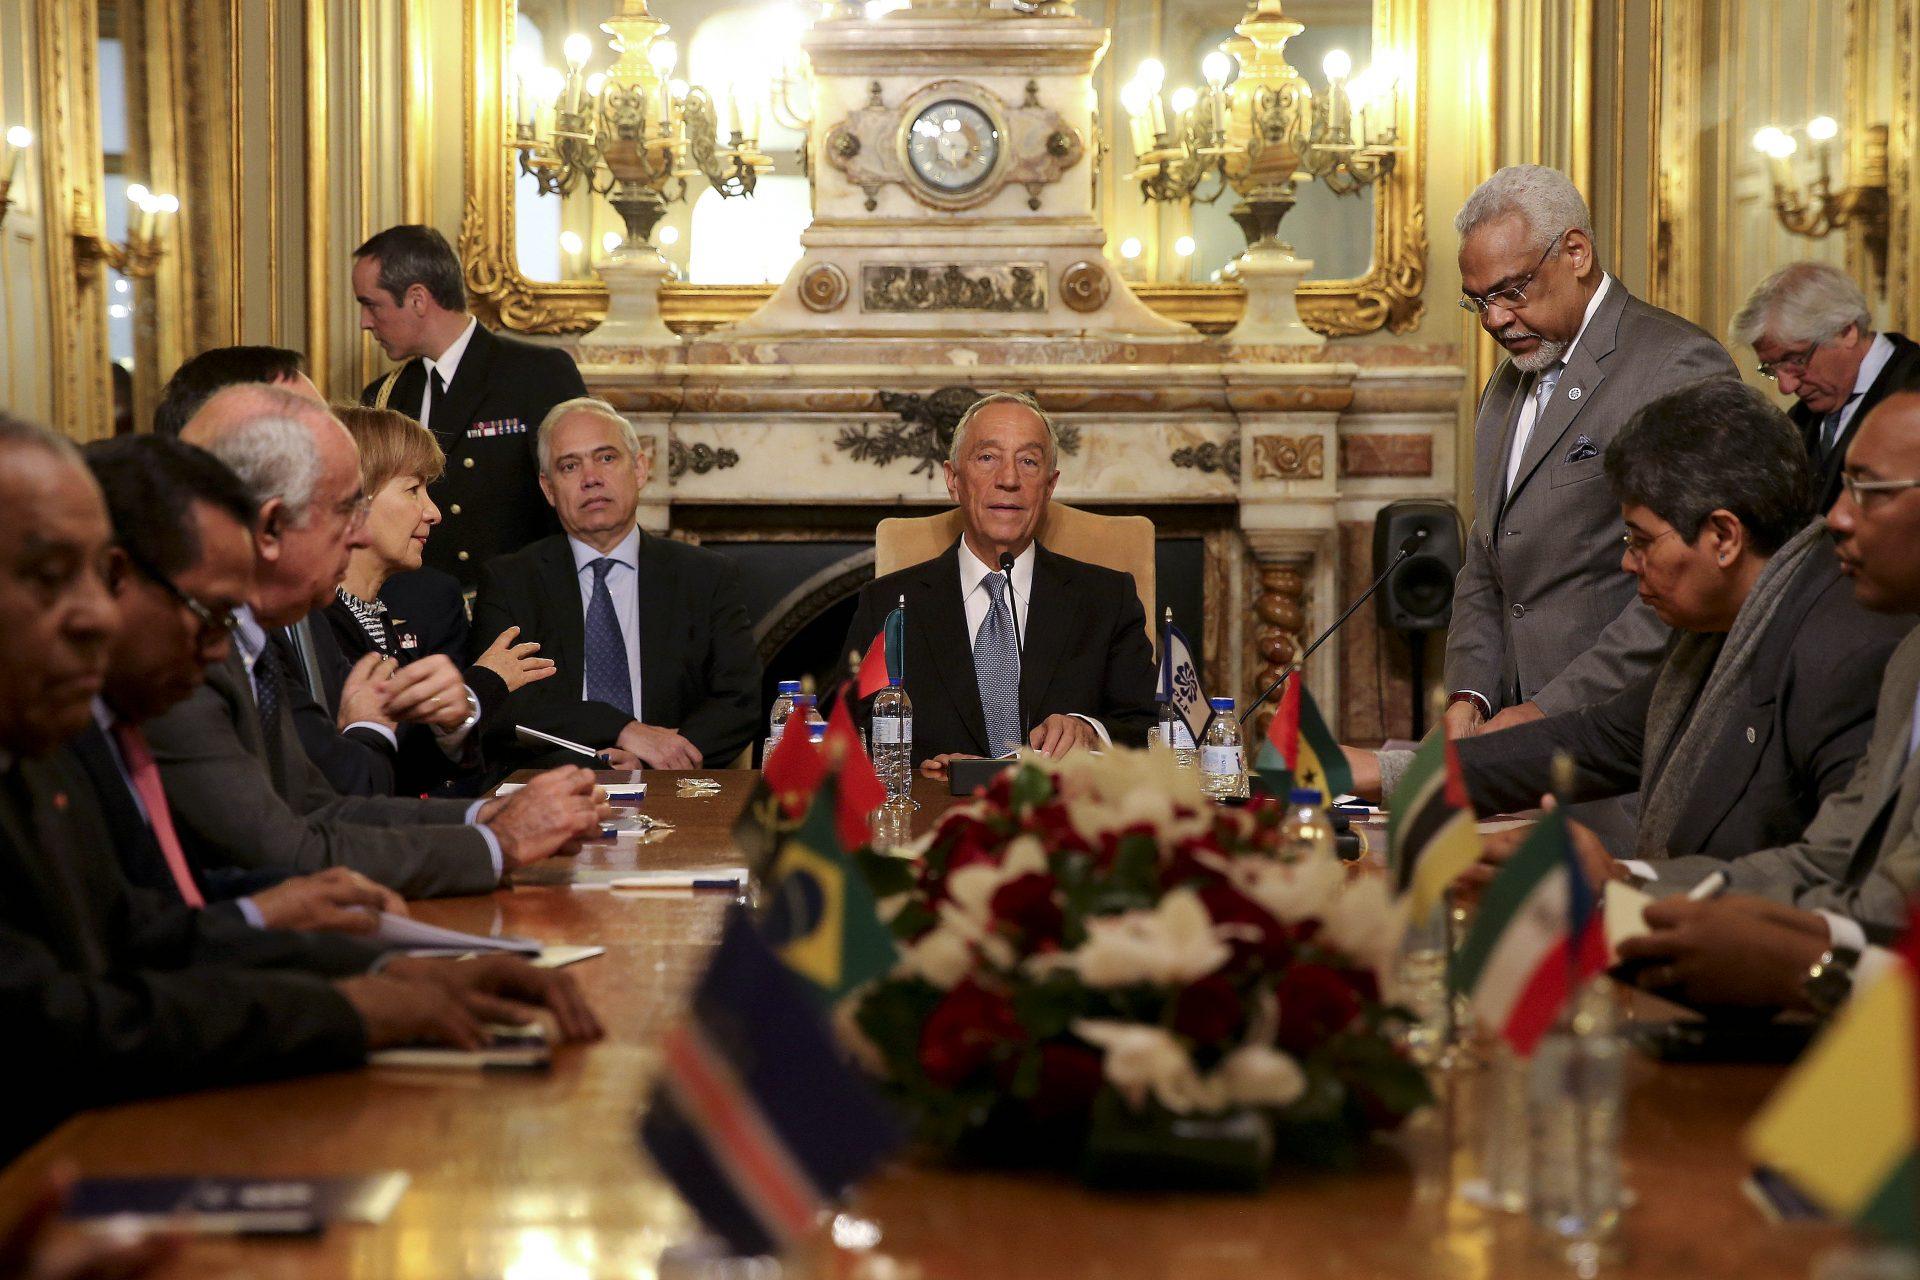 O Presidente da República, Marcelo Rebelo de Sousa (C), durante a visita à sede da Comunidade dos Países de Língua Portuguesa (CPLP) em Lisboa, 14 de março de 2016. JOÃO RELVAS / LUSA